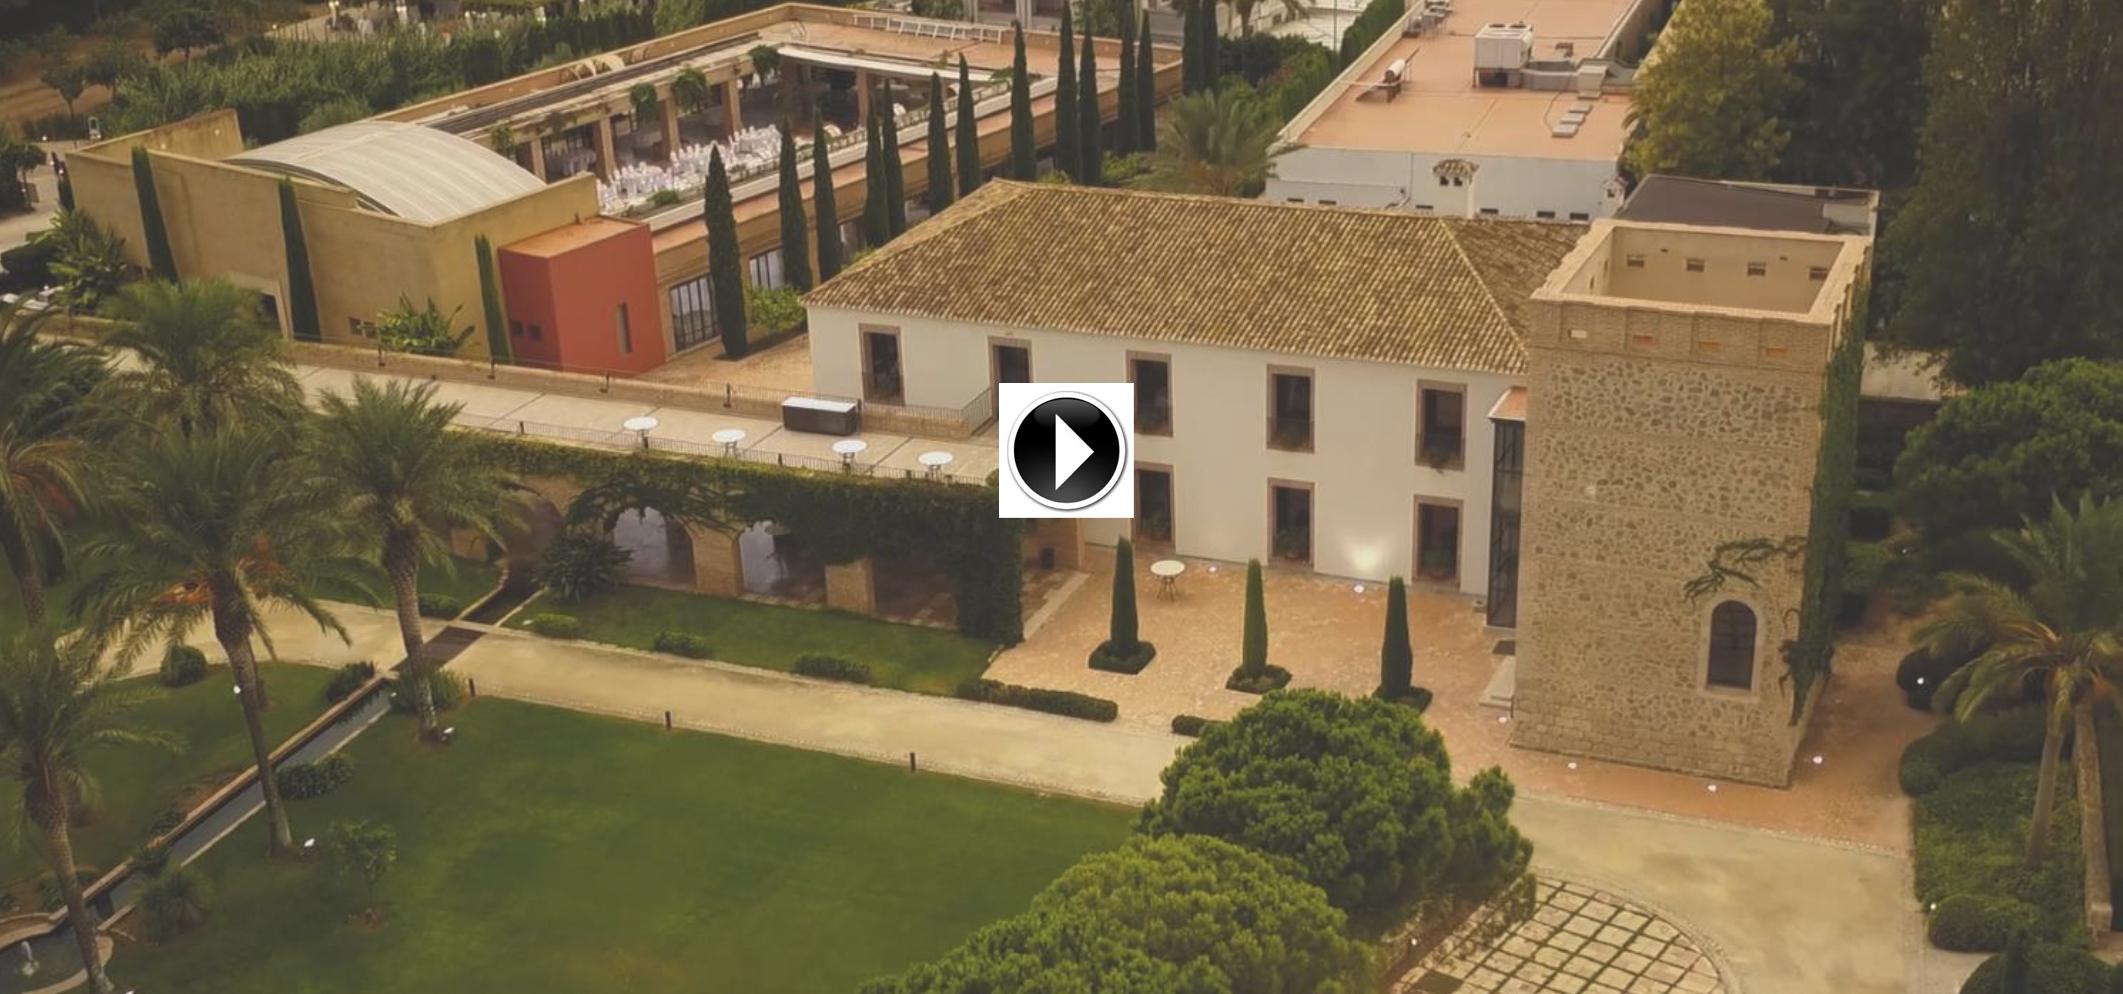 Imágenes aéreas Huerto de Santa María